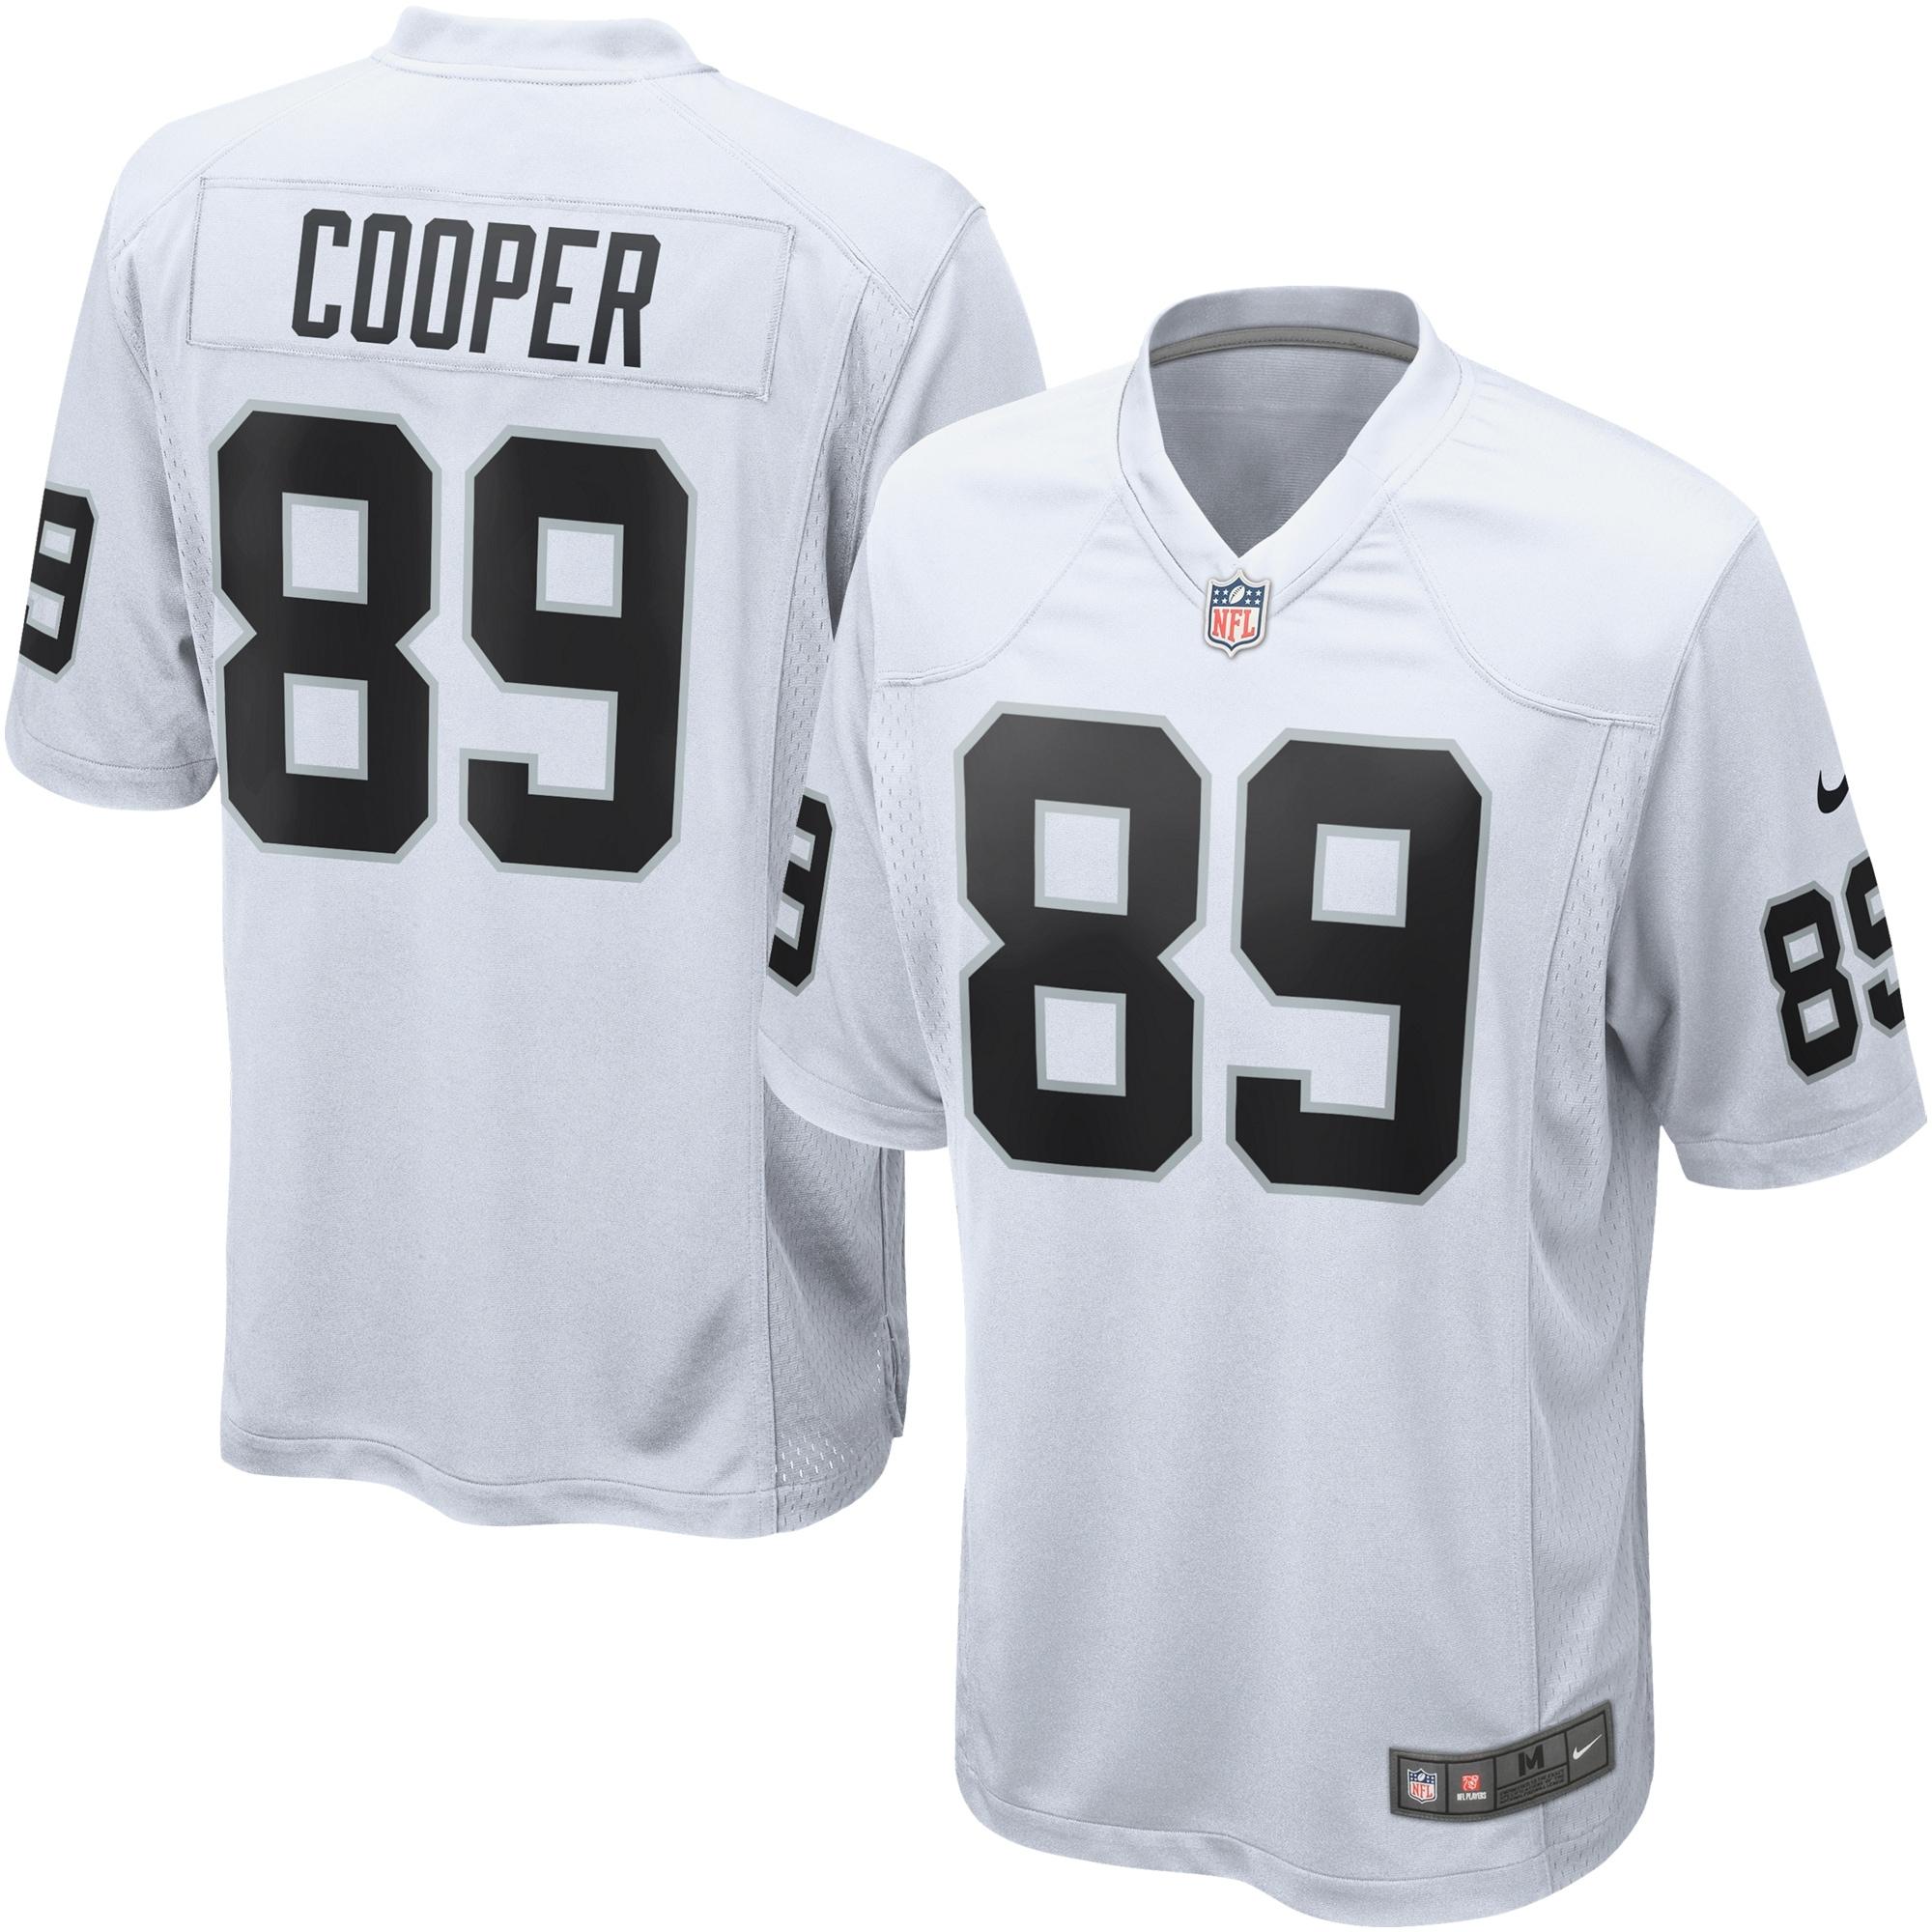 amari cooper jersey